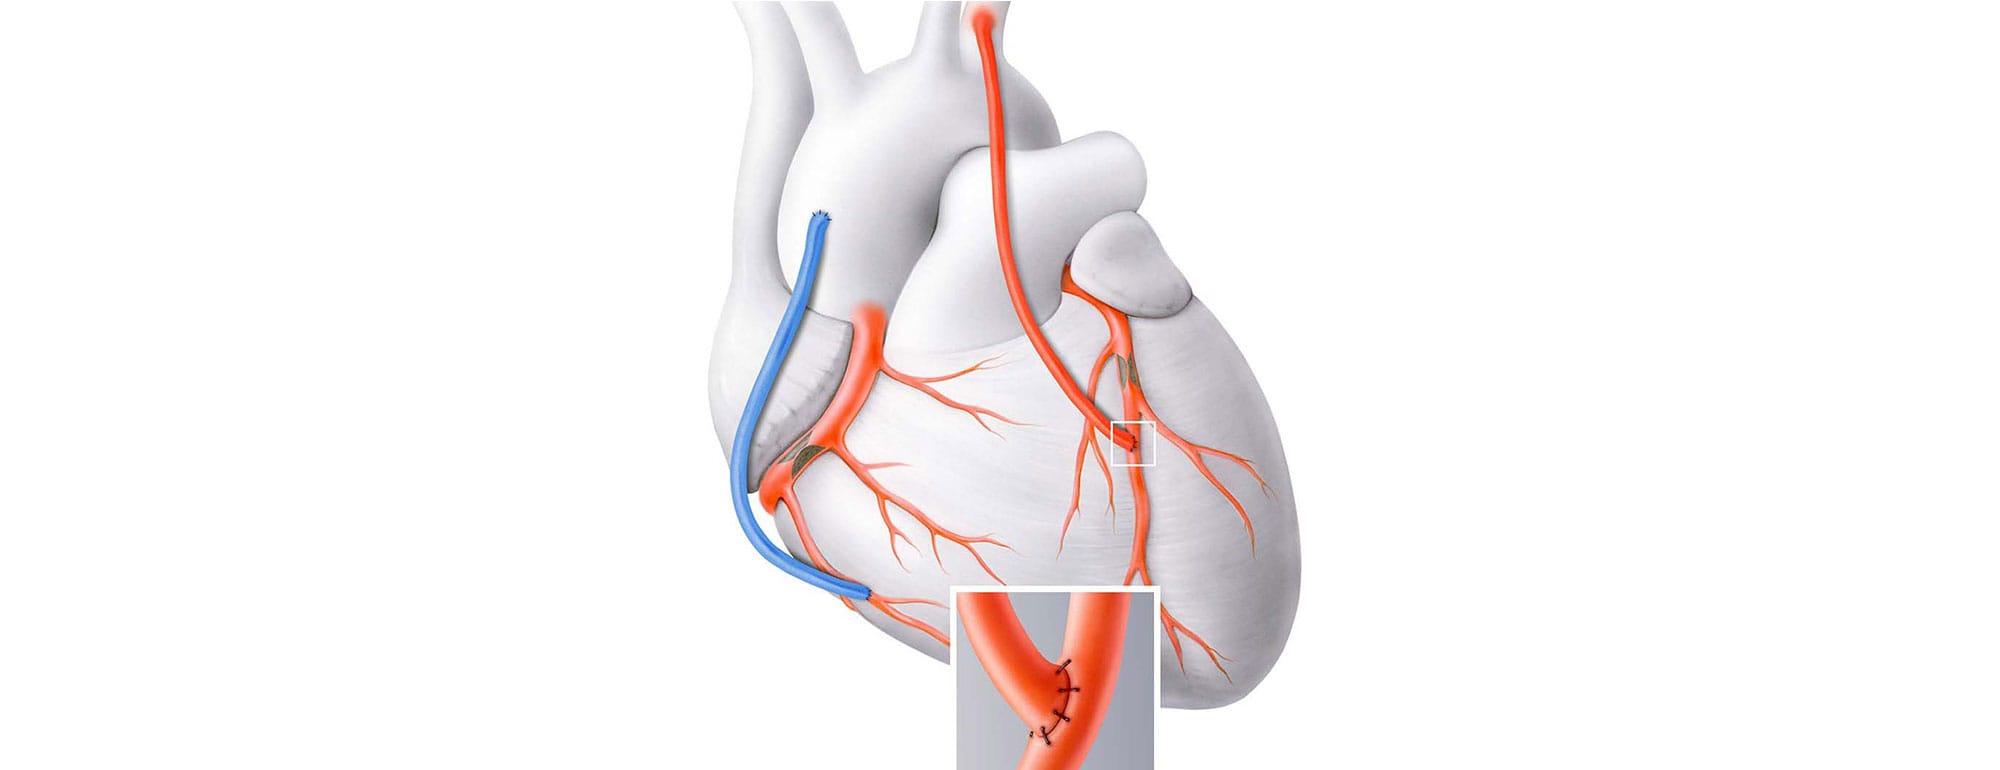 bypass καρδιολόγος κοντός βασίλειος ψυχικό